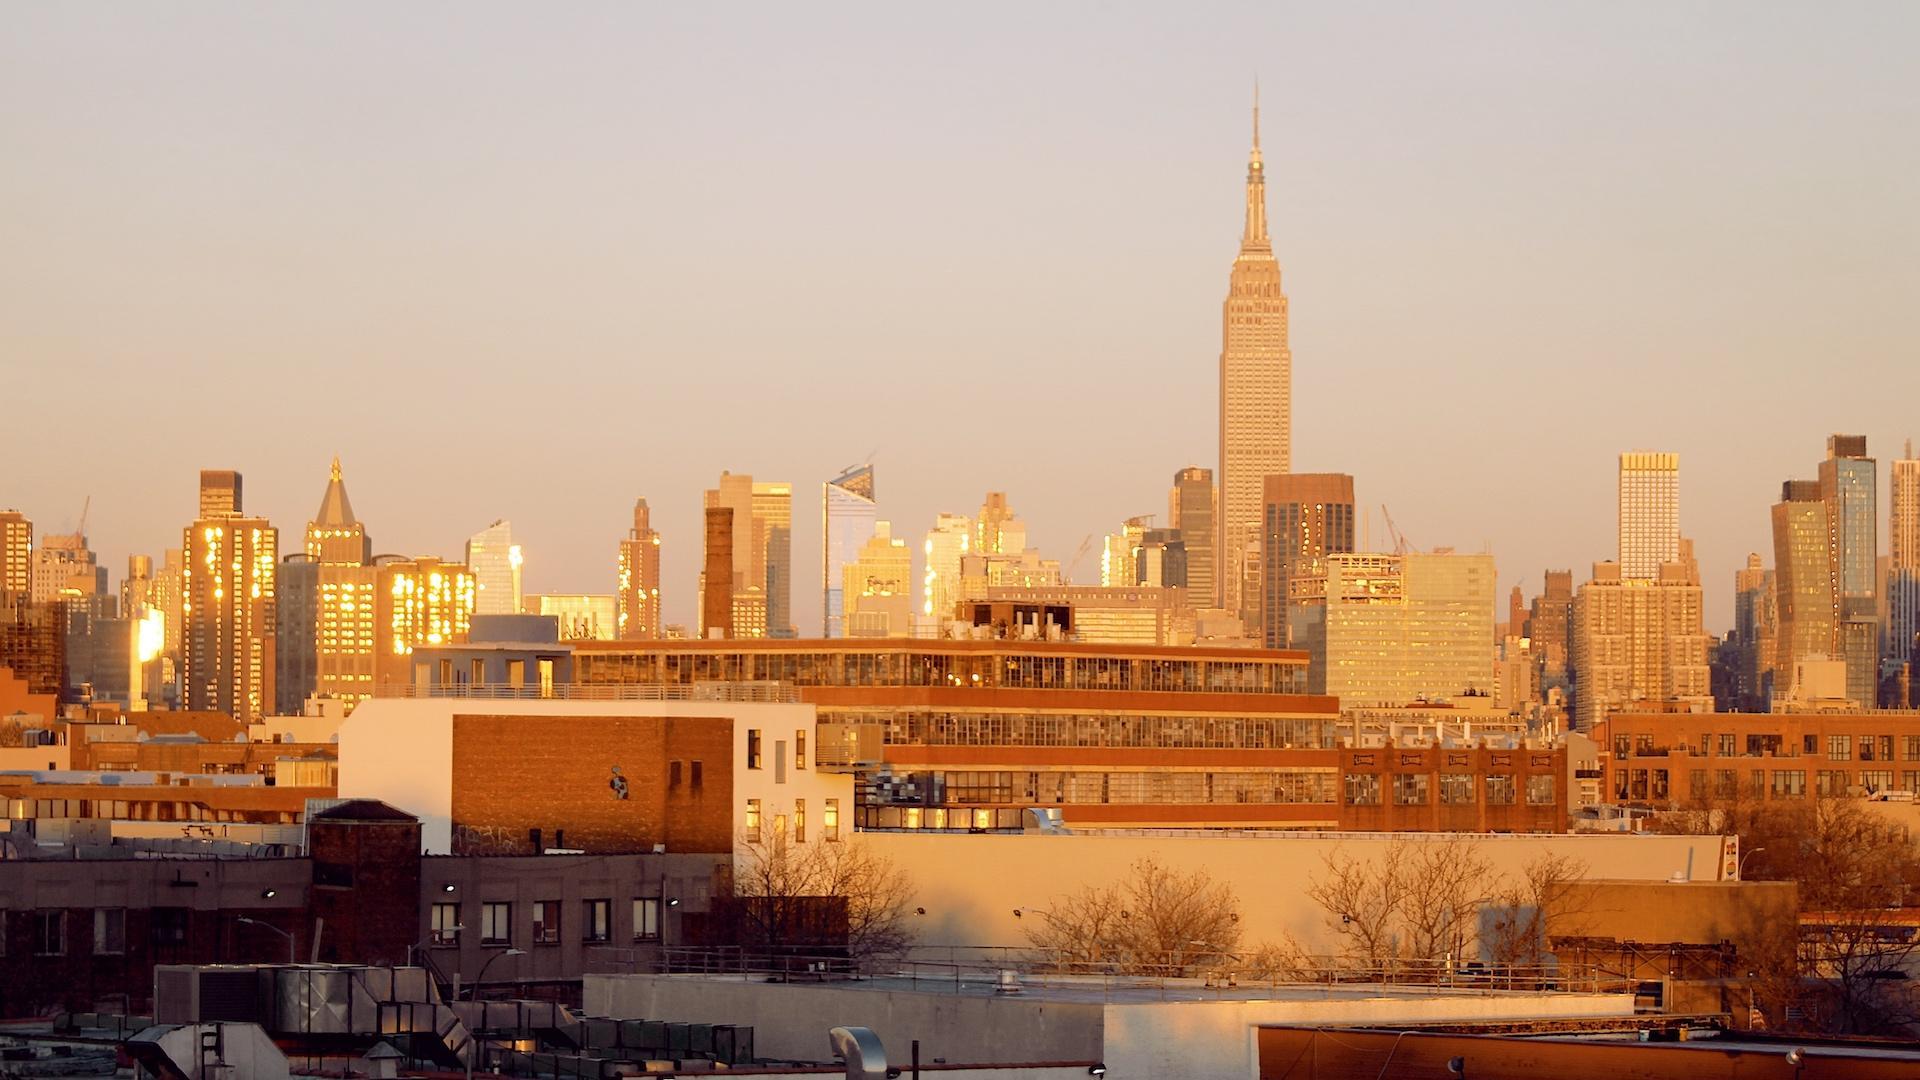 Dónde alojarse en Brooklyn? El hotel Henry Norman es una opción ...